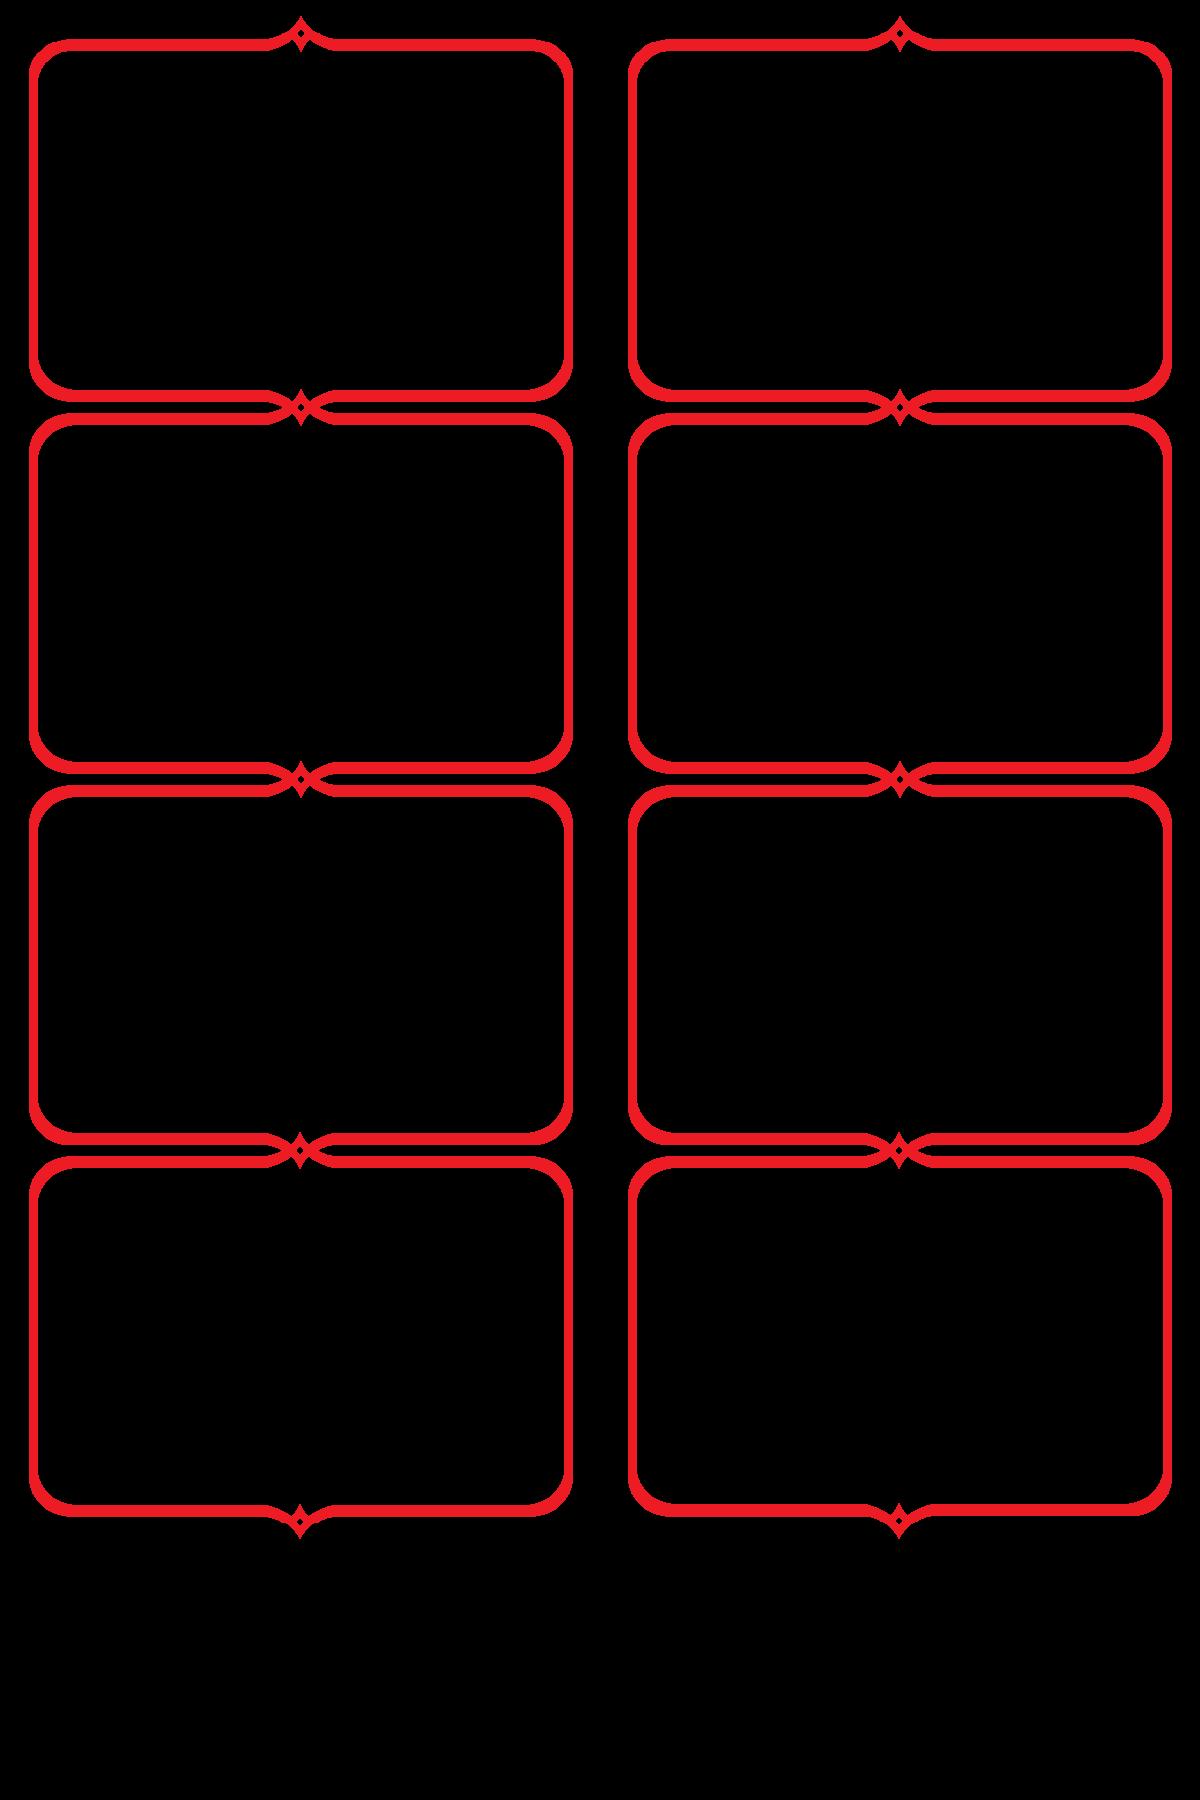 4-frame-overlay_red